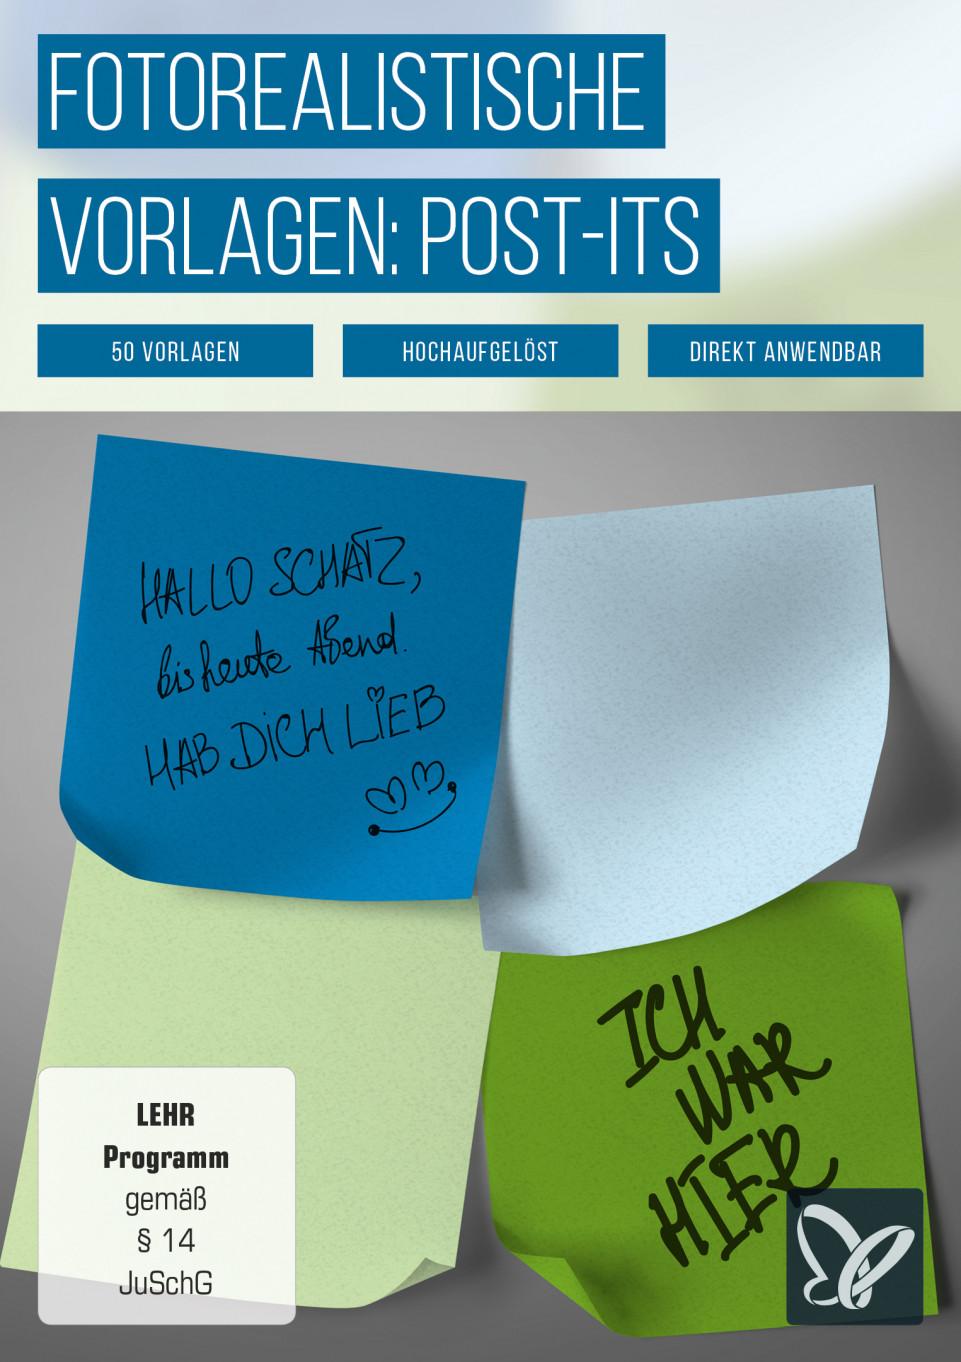 Post-it-Bilder – fotorealistische Vorlagen von Klebezetteln / Notizzetteln